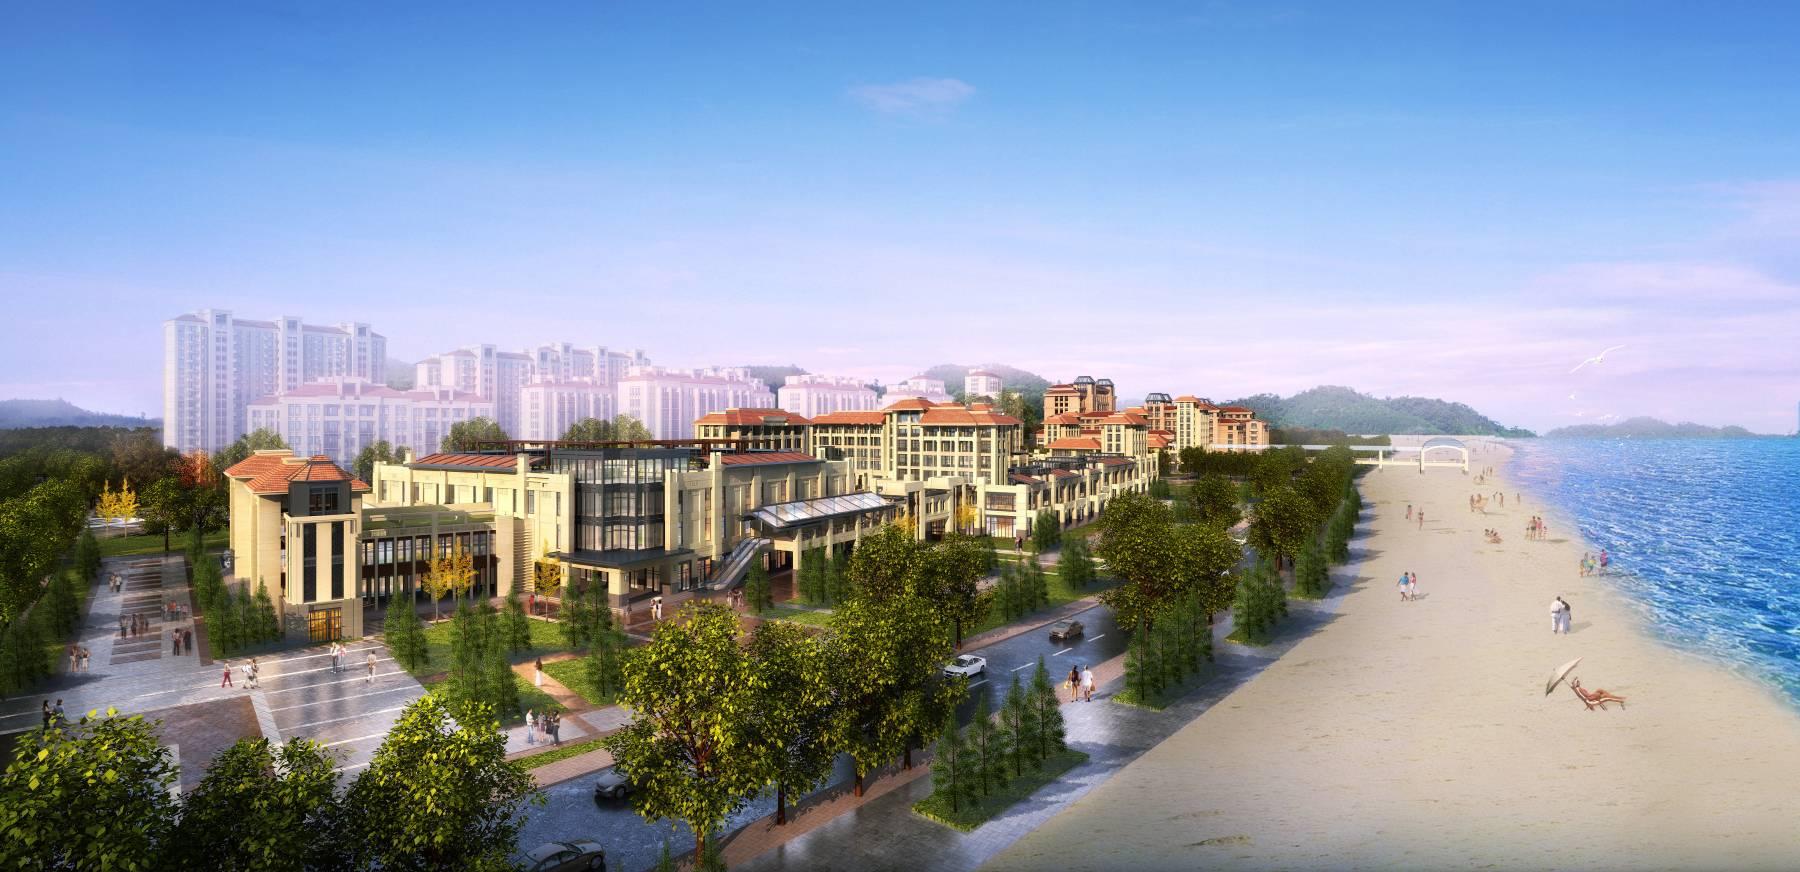 长海县旅游度假区